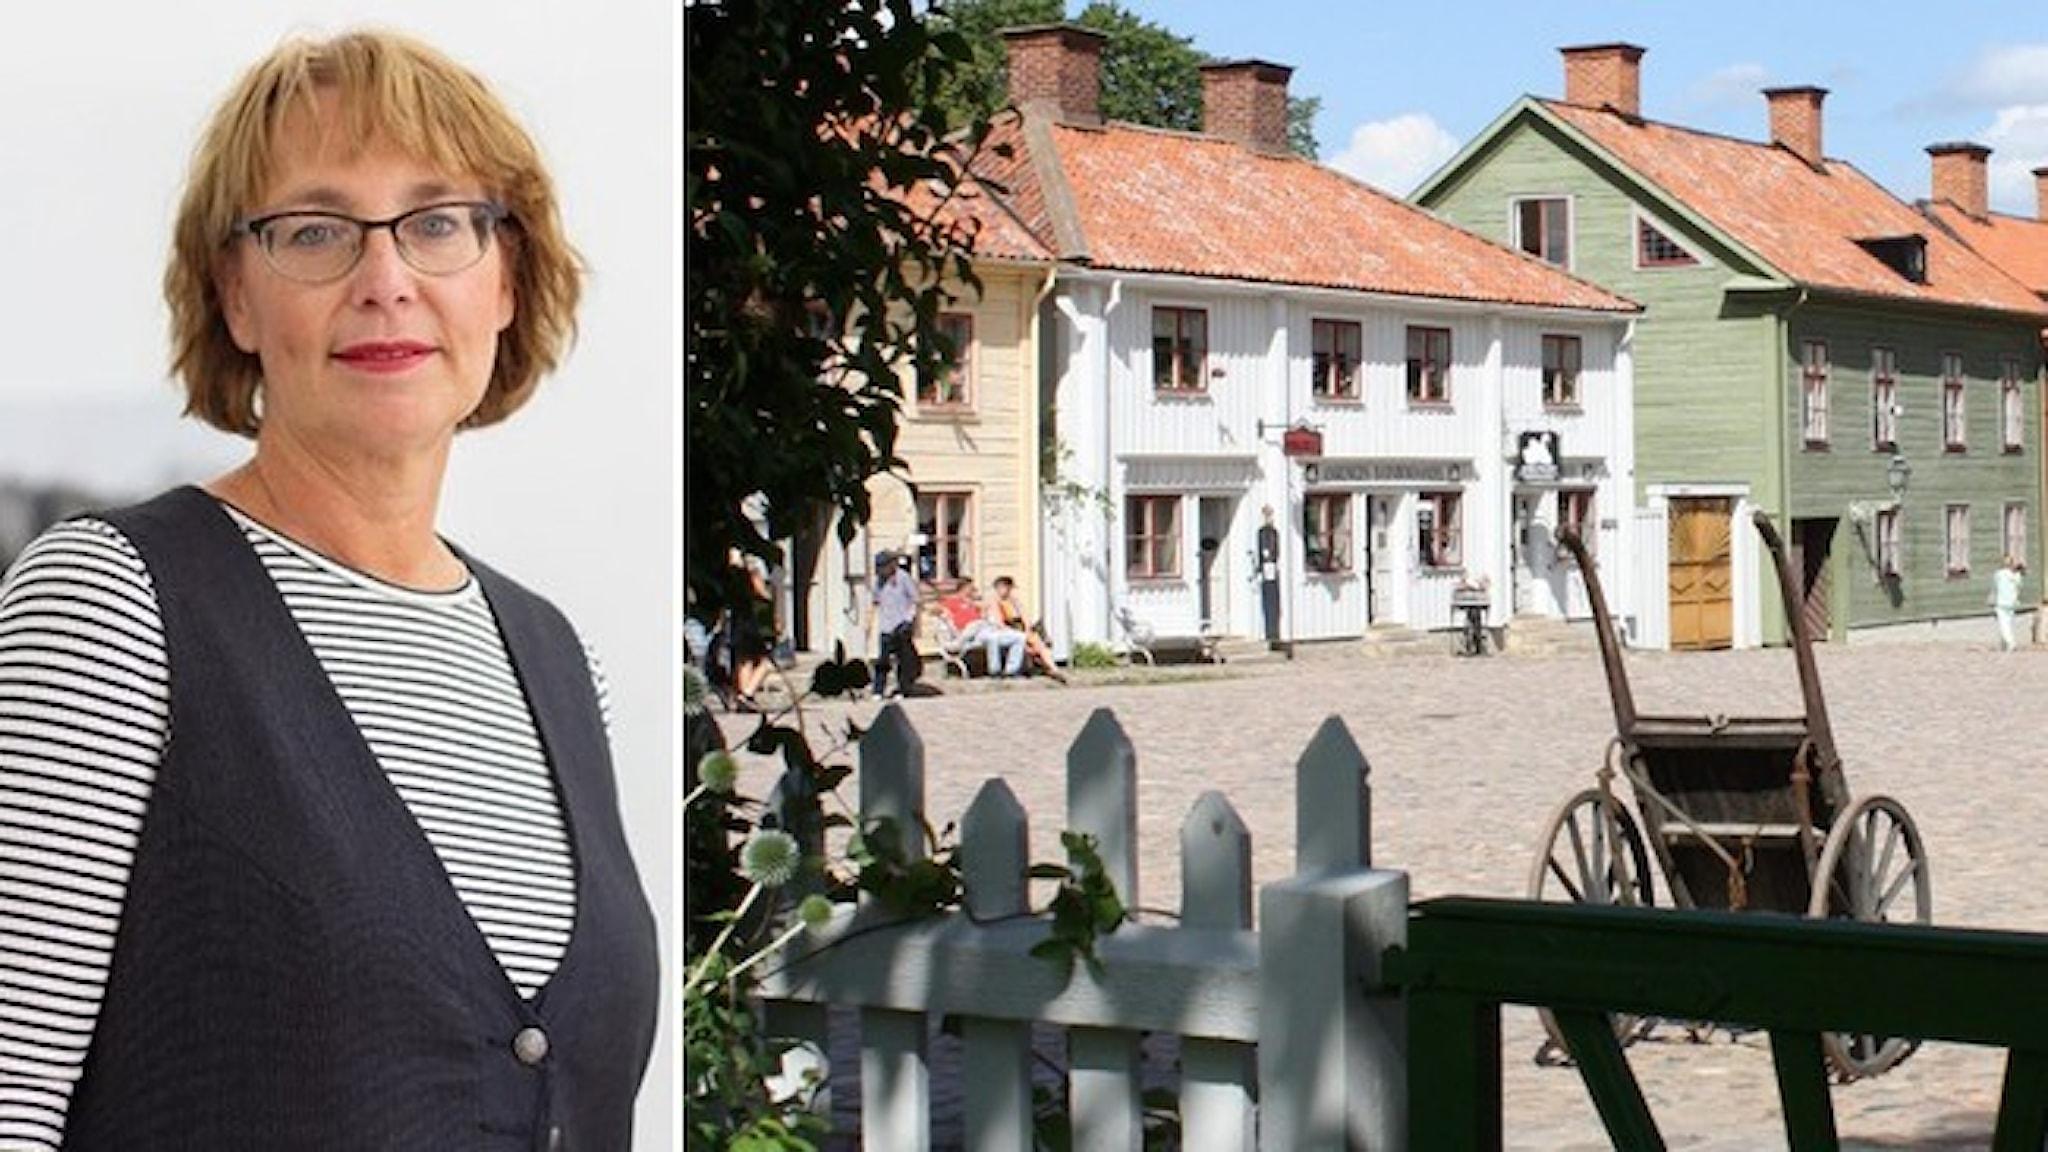 Tina Karlsson From, museichef, klädd i randig tröja och svartväst. Fasaderna till hus i gammal stil vid ett torg med kullersten. I förgrunden en gammaldags kärra.